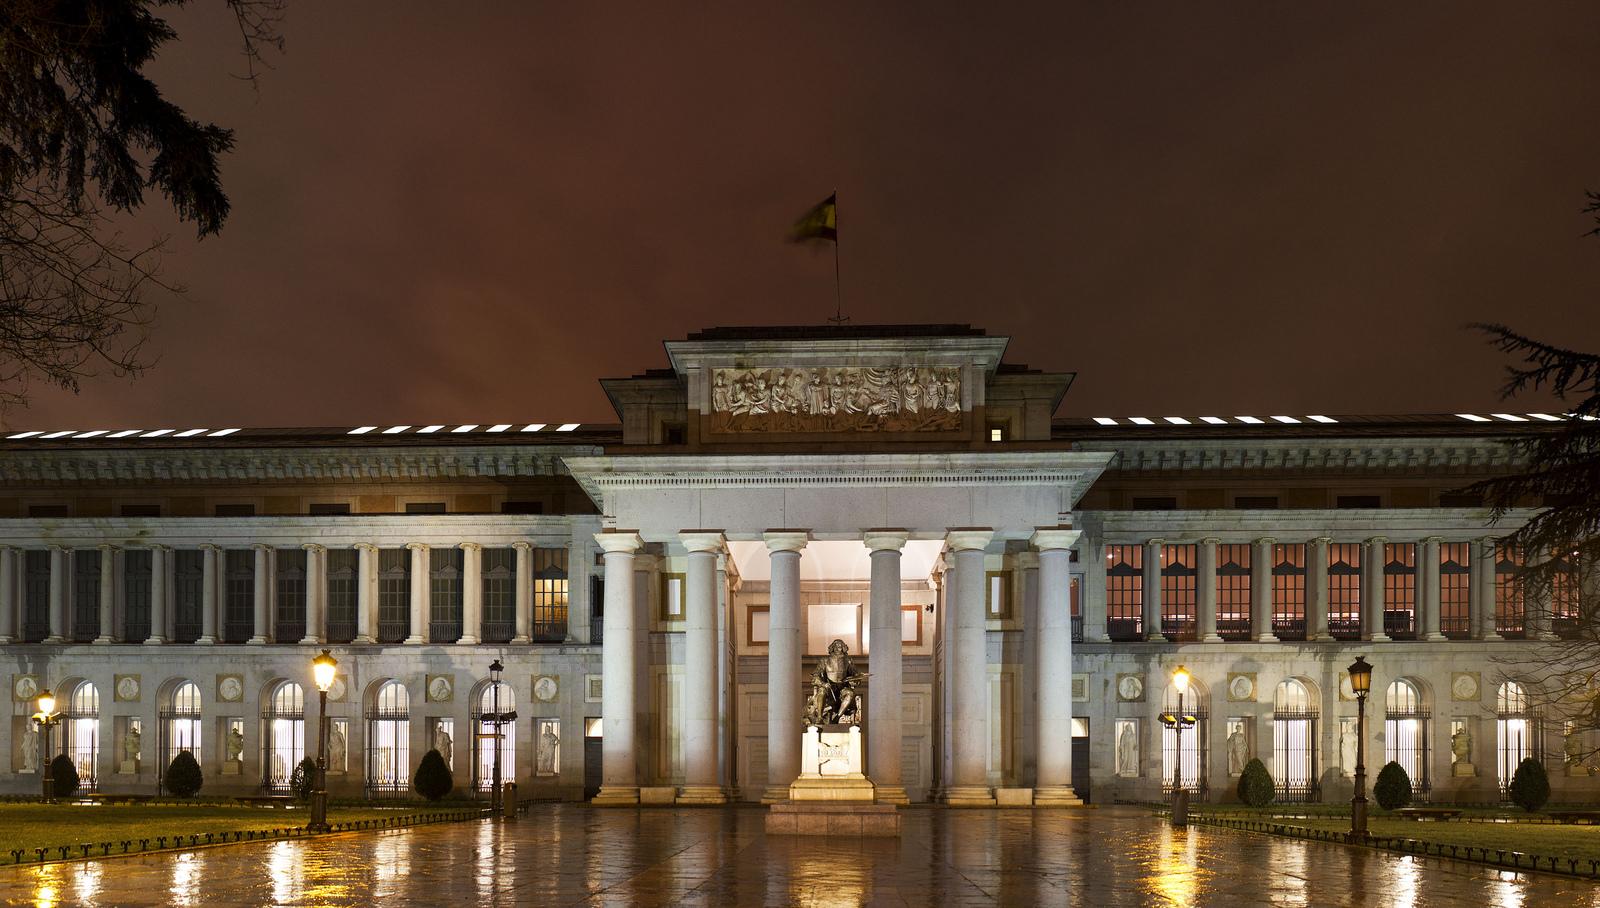 музей Прадо, Мадрид, Испания